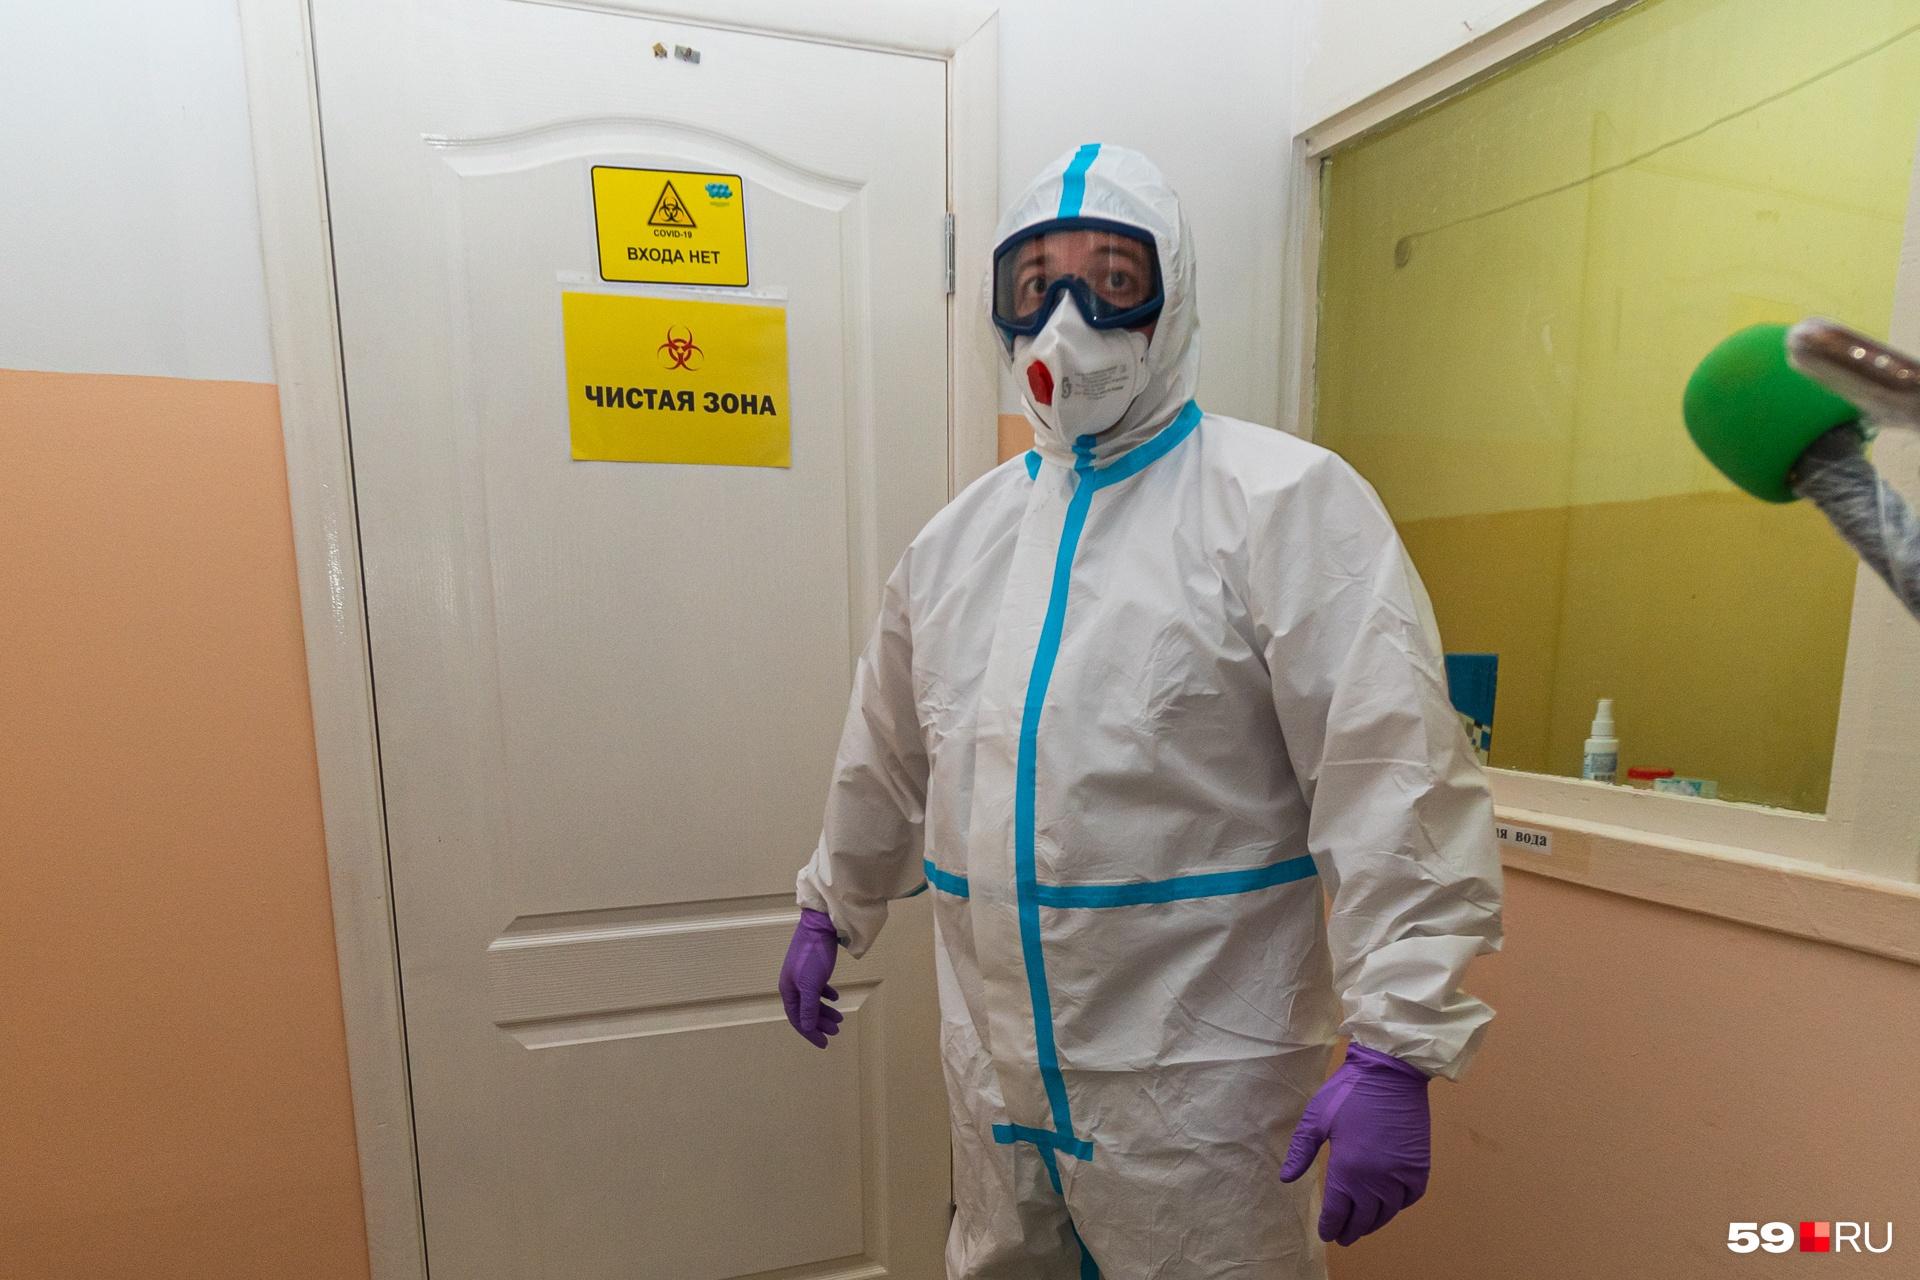 В чистую зону просто так в использованных костюмах не пройти — на двери нет ручки и за всеми передвижениями строго следит медсестра